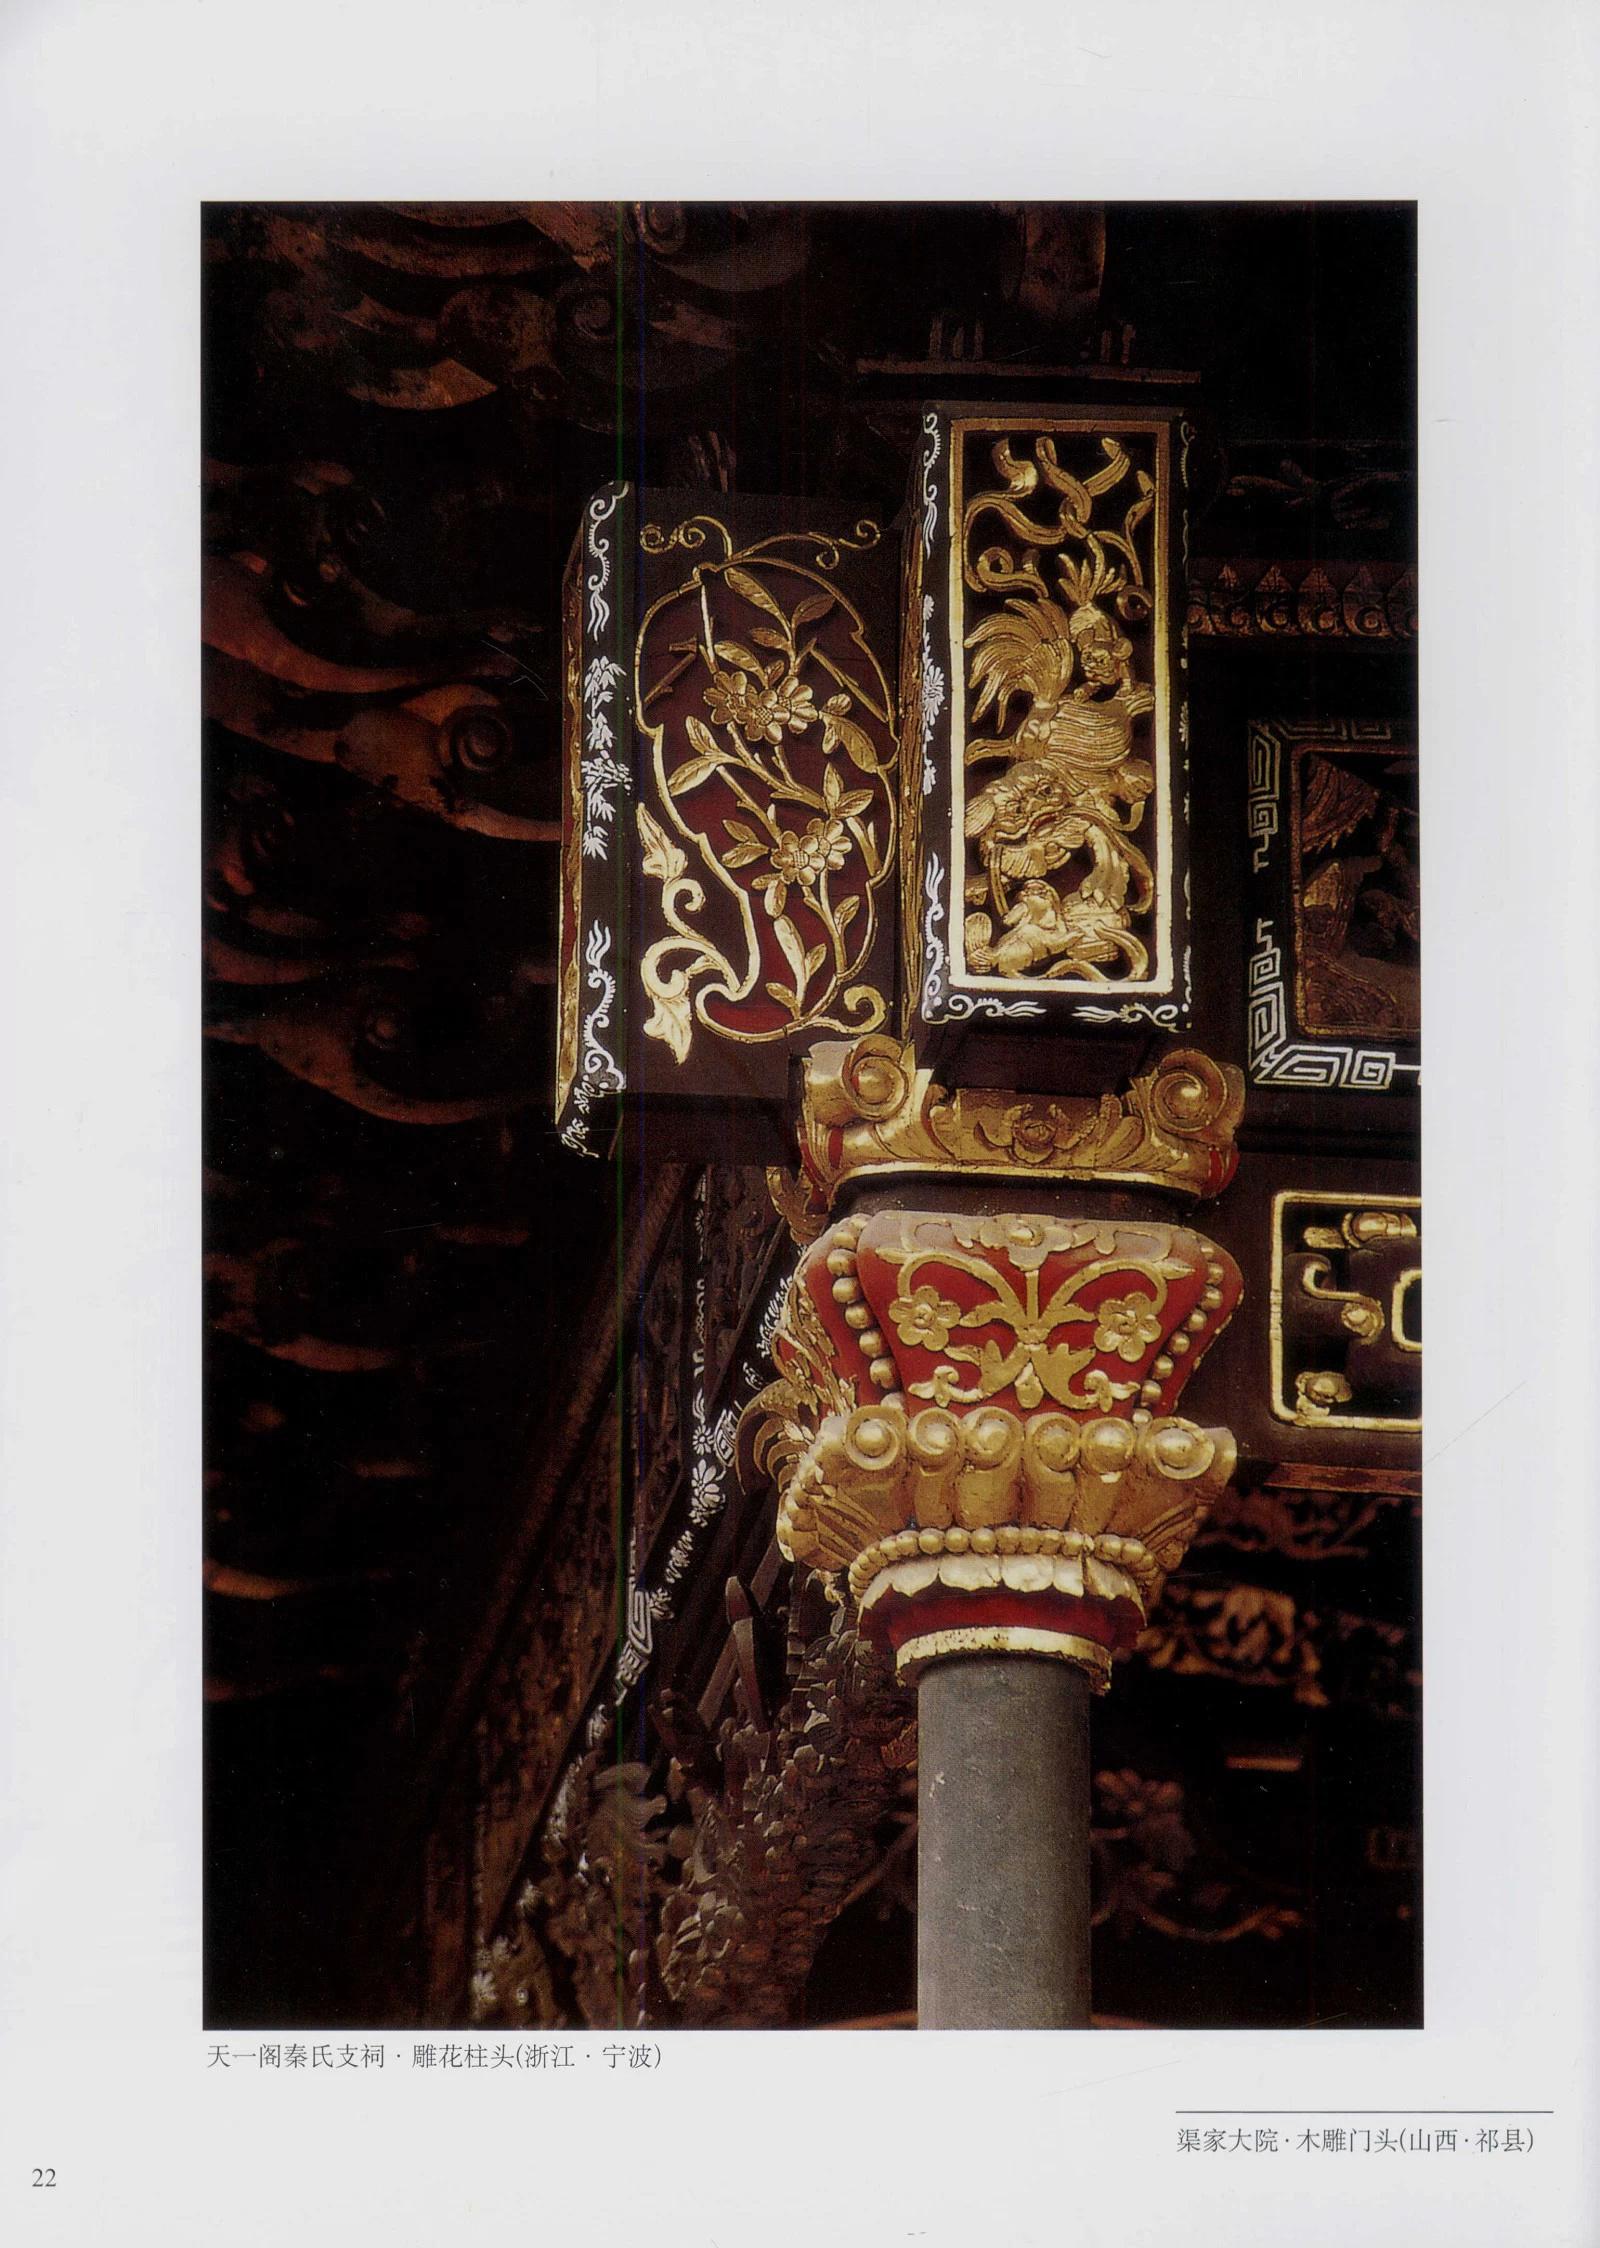 中国古代建筑元素 木雕(一)